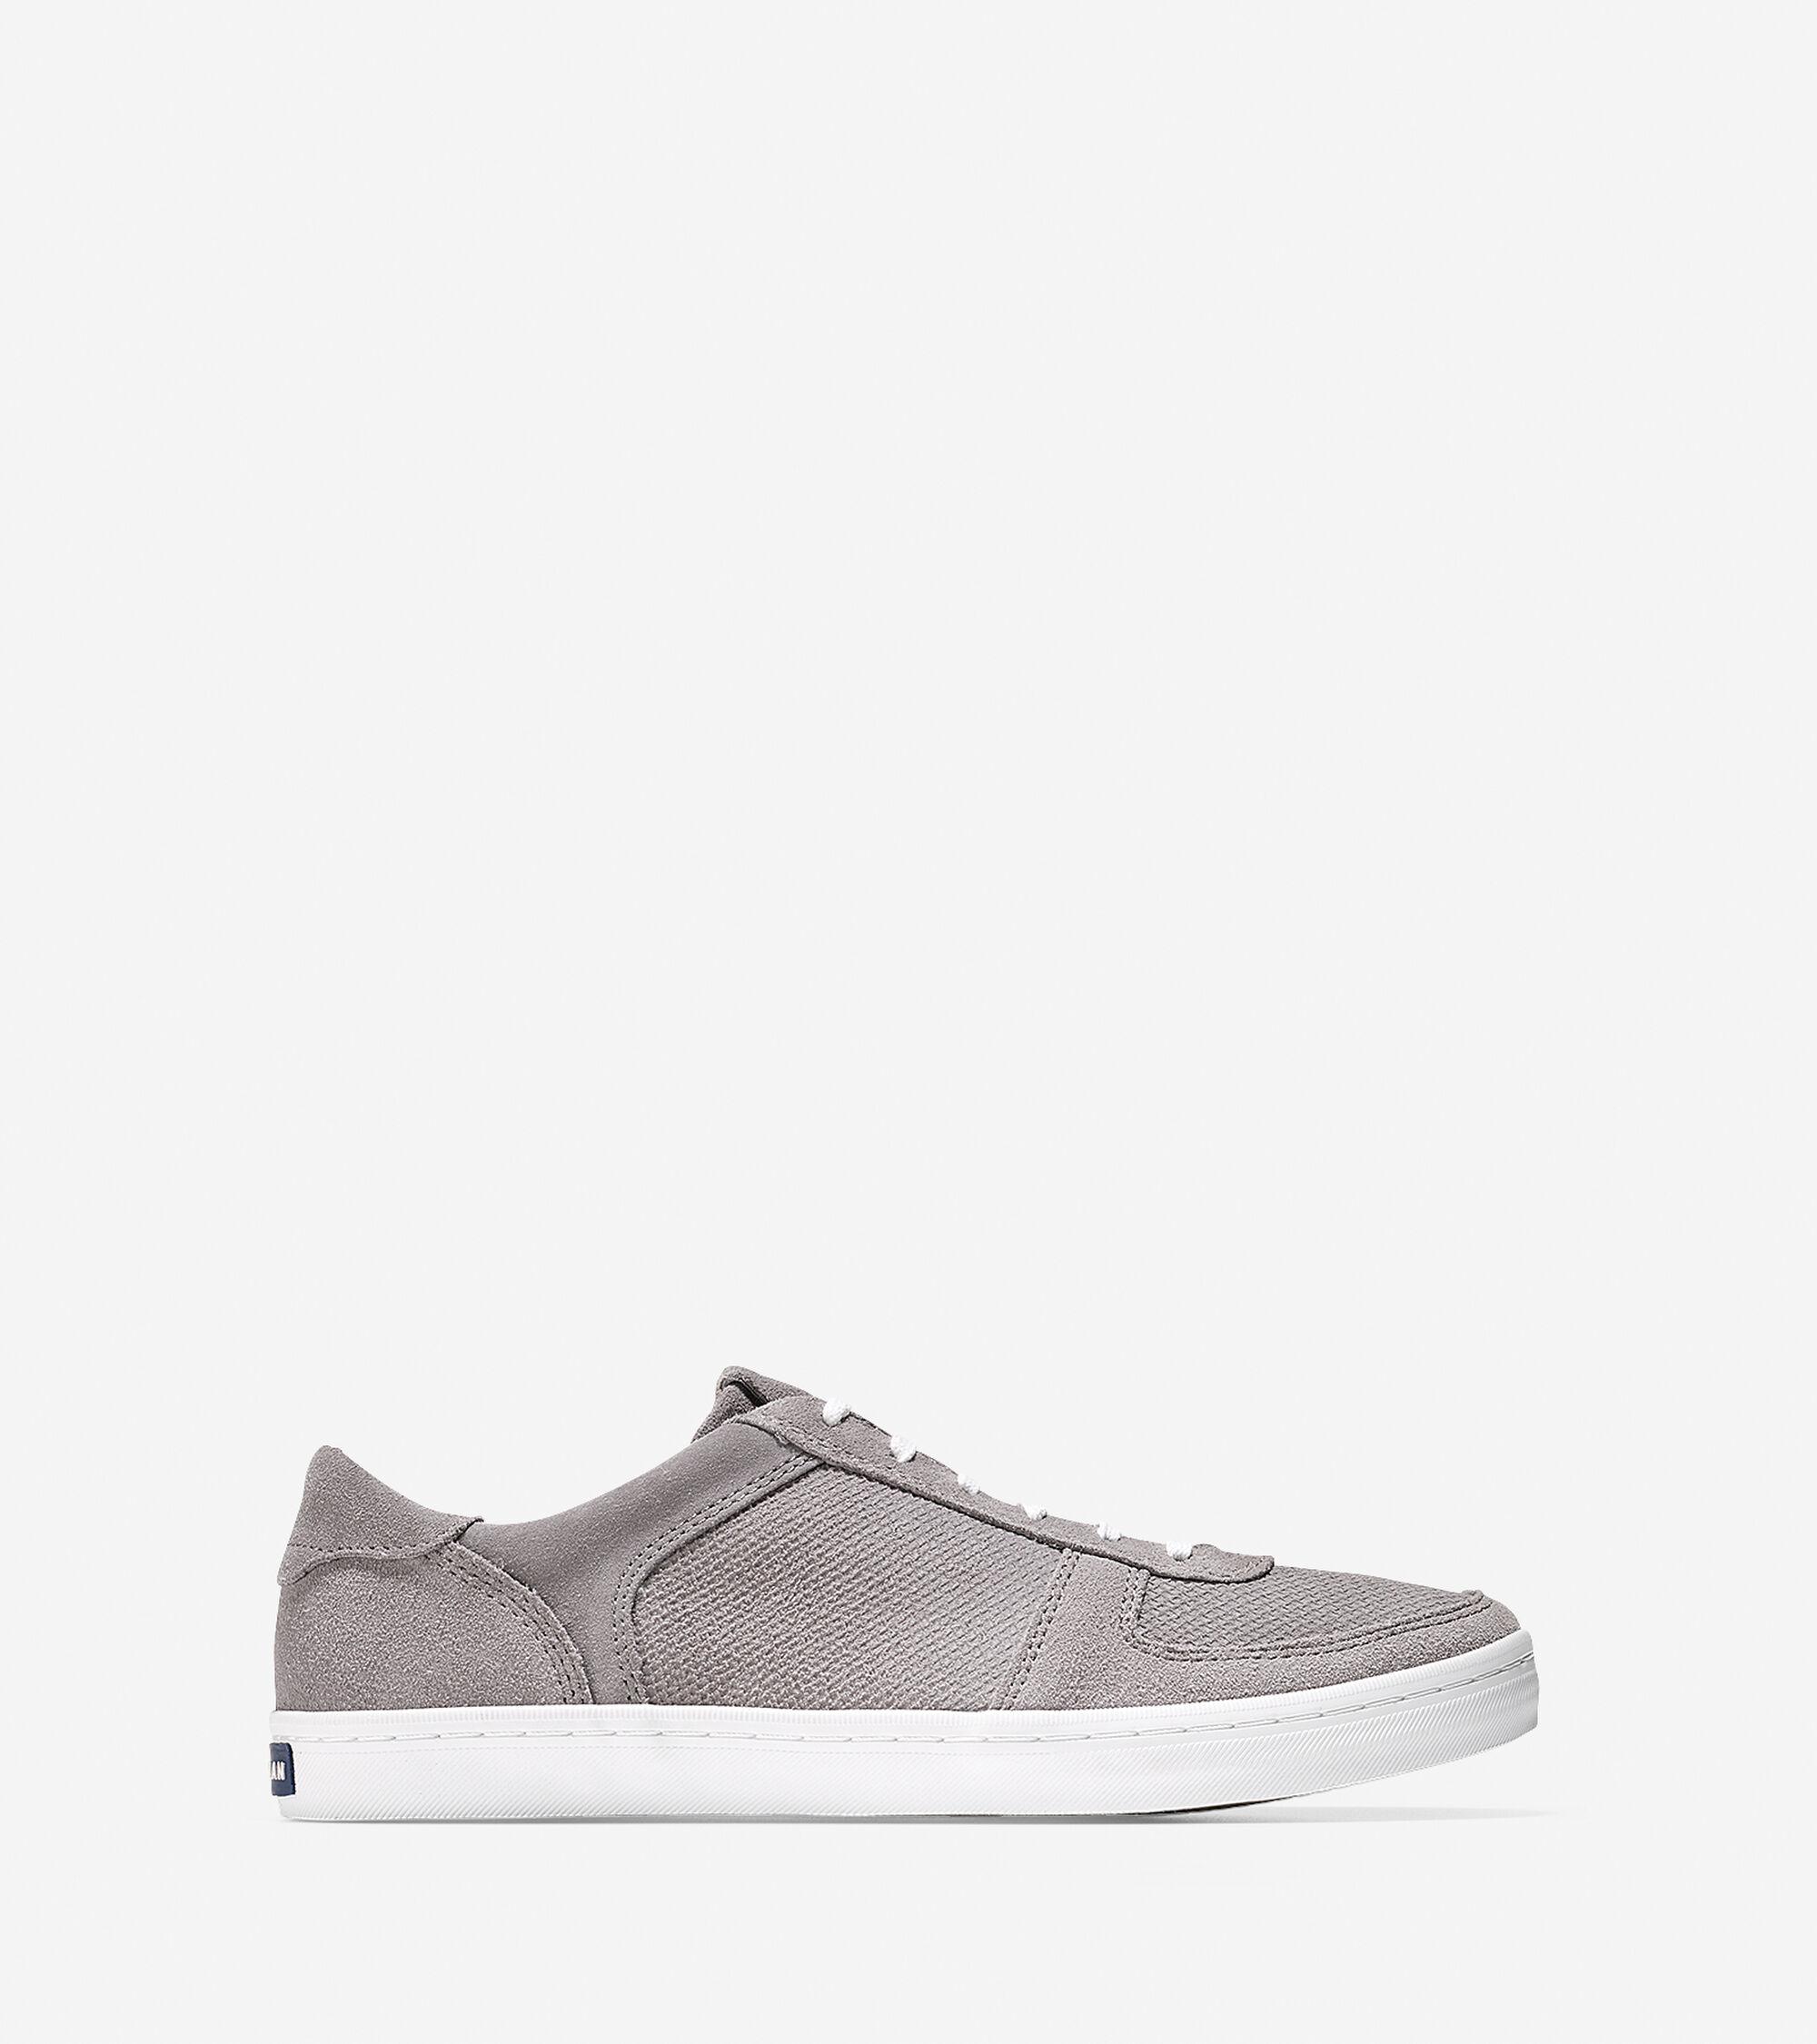 Sneakers > Trafton Heritage Low Sneaker